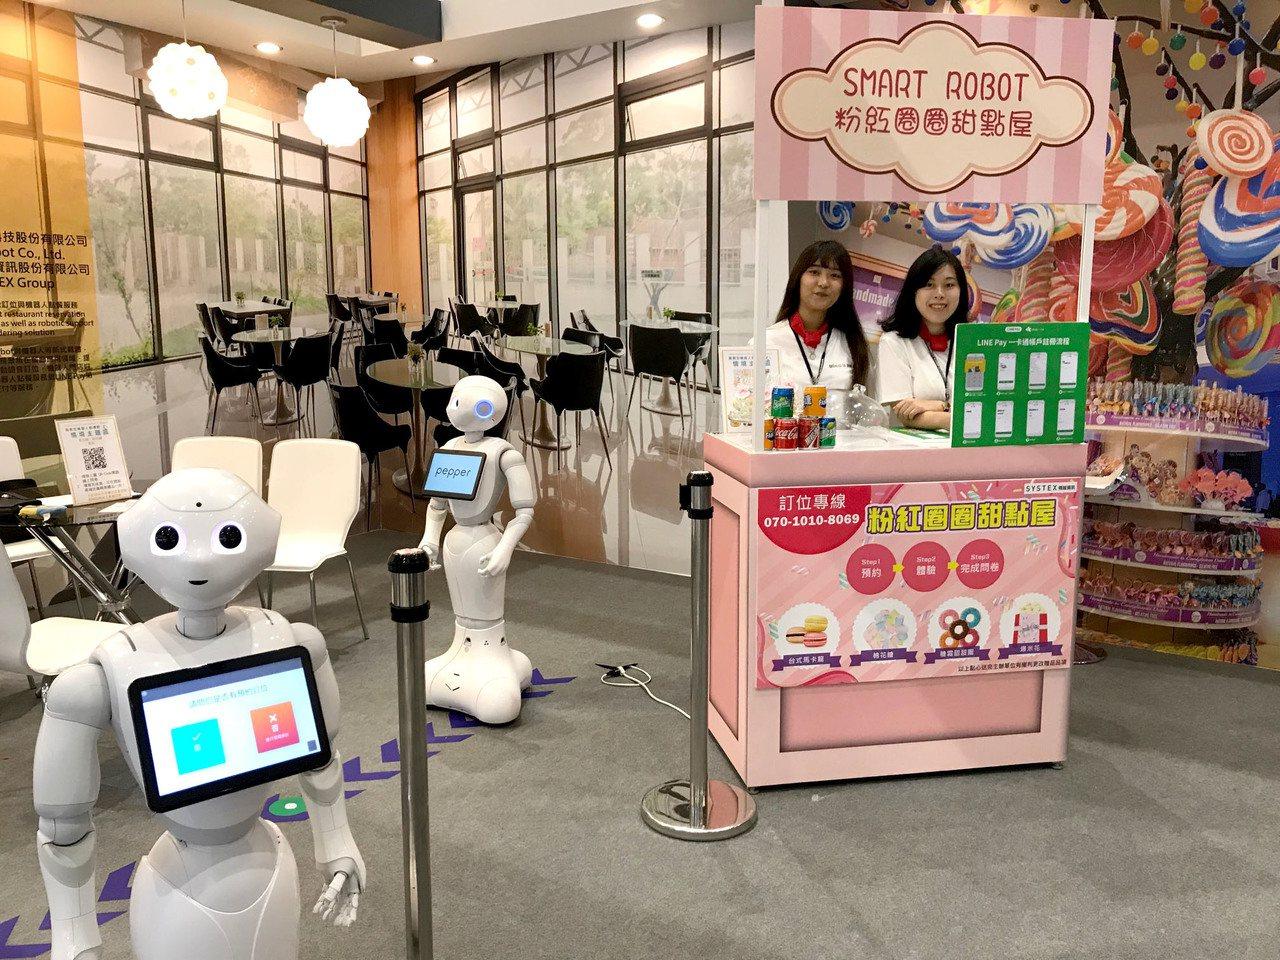 2019年台灣機器人與智慧自動化展揭幕,精誠展出Pepper機器人協助報到、移動...